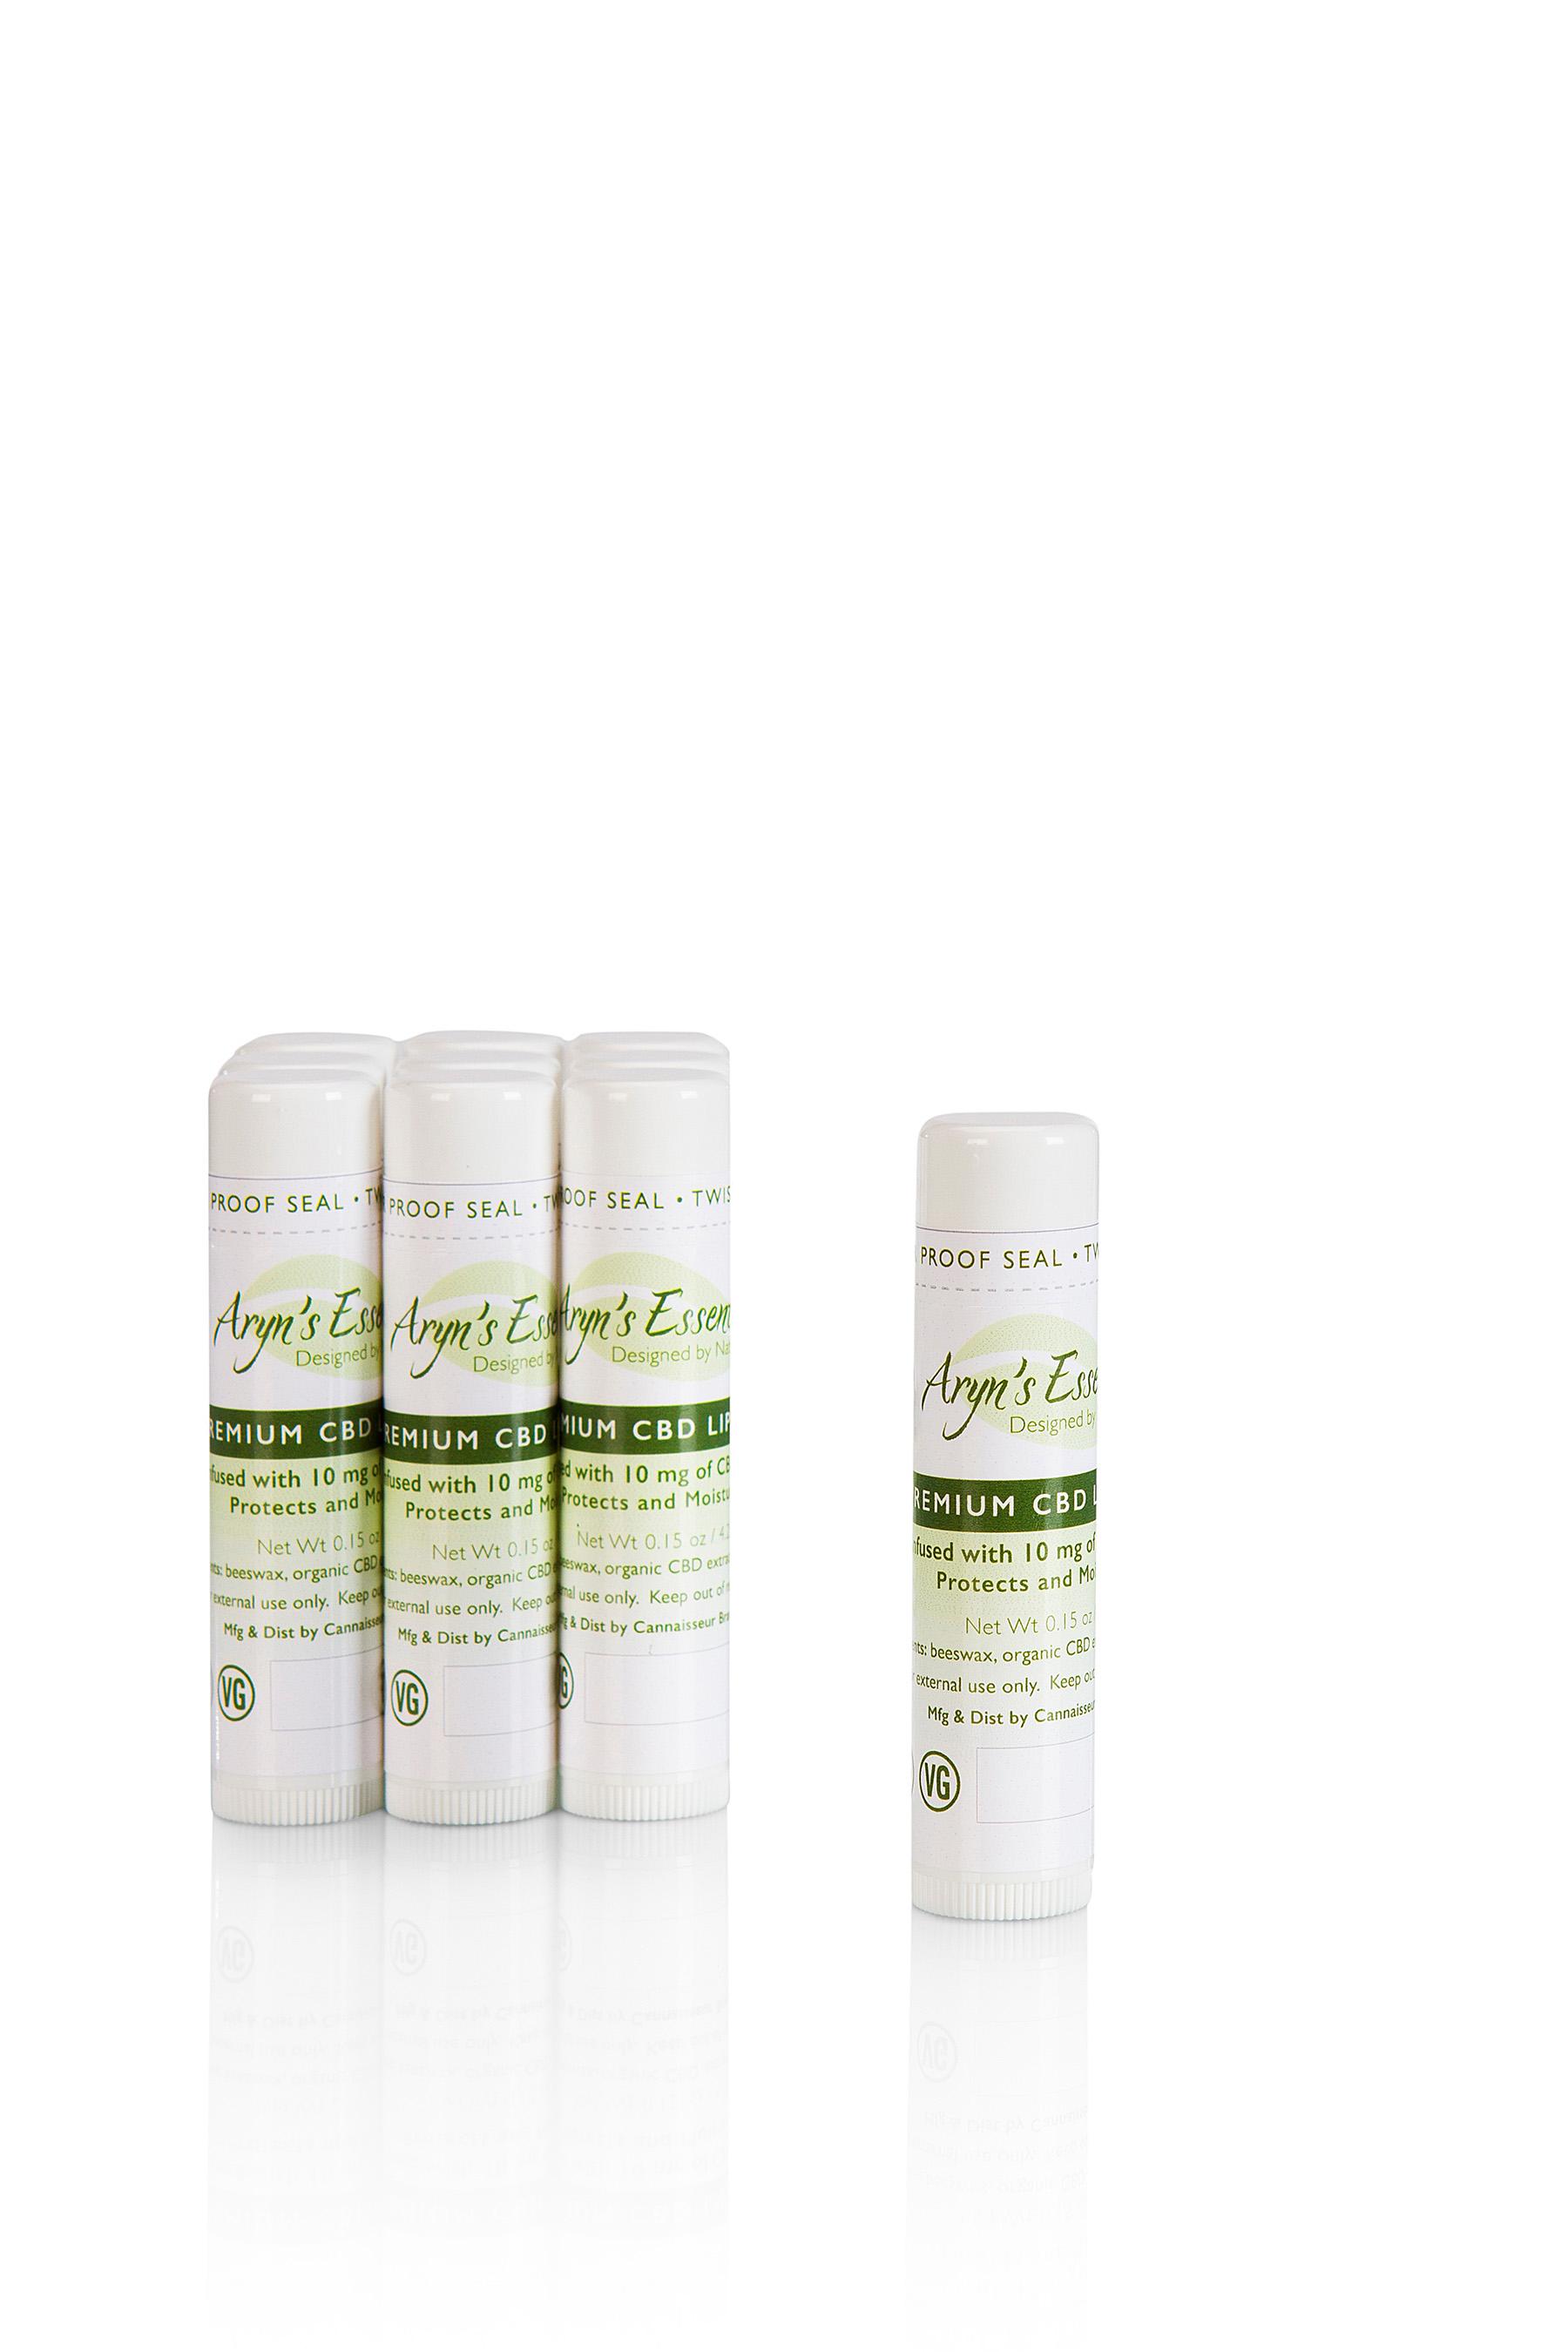 Aryn's Essentials Lip Balm